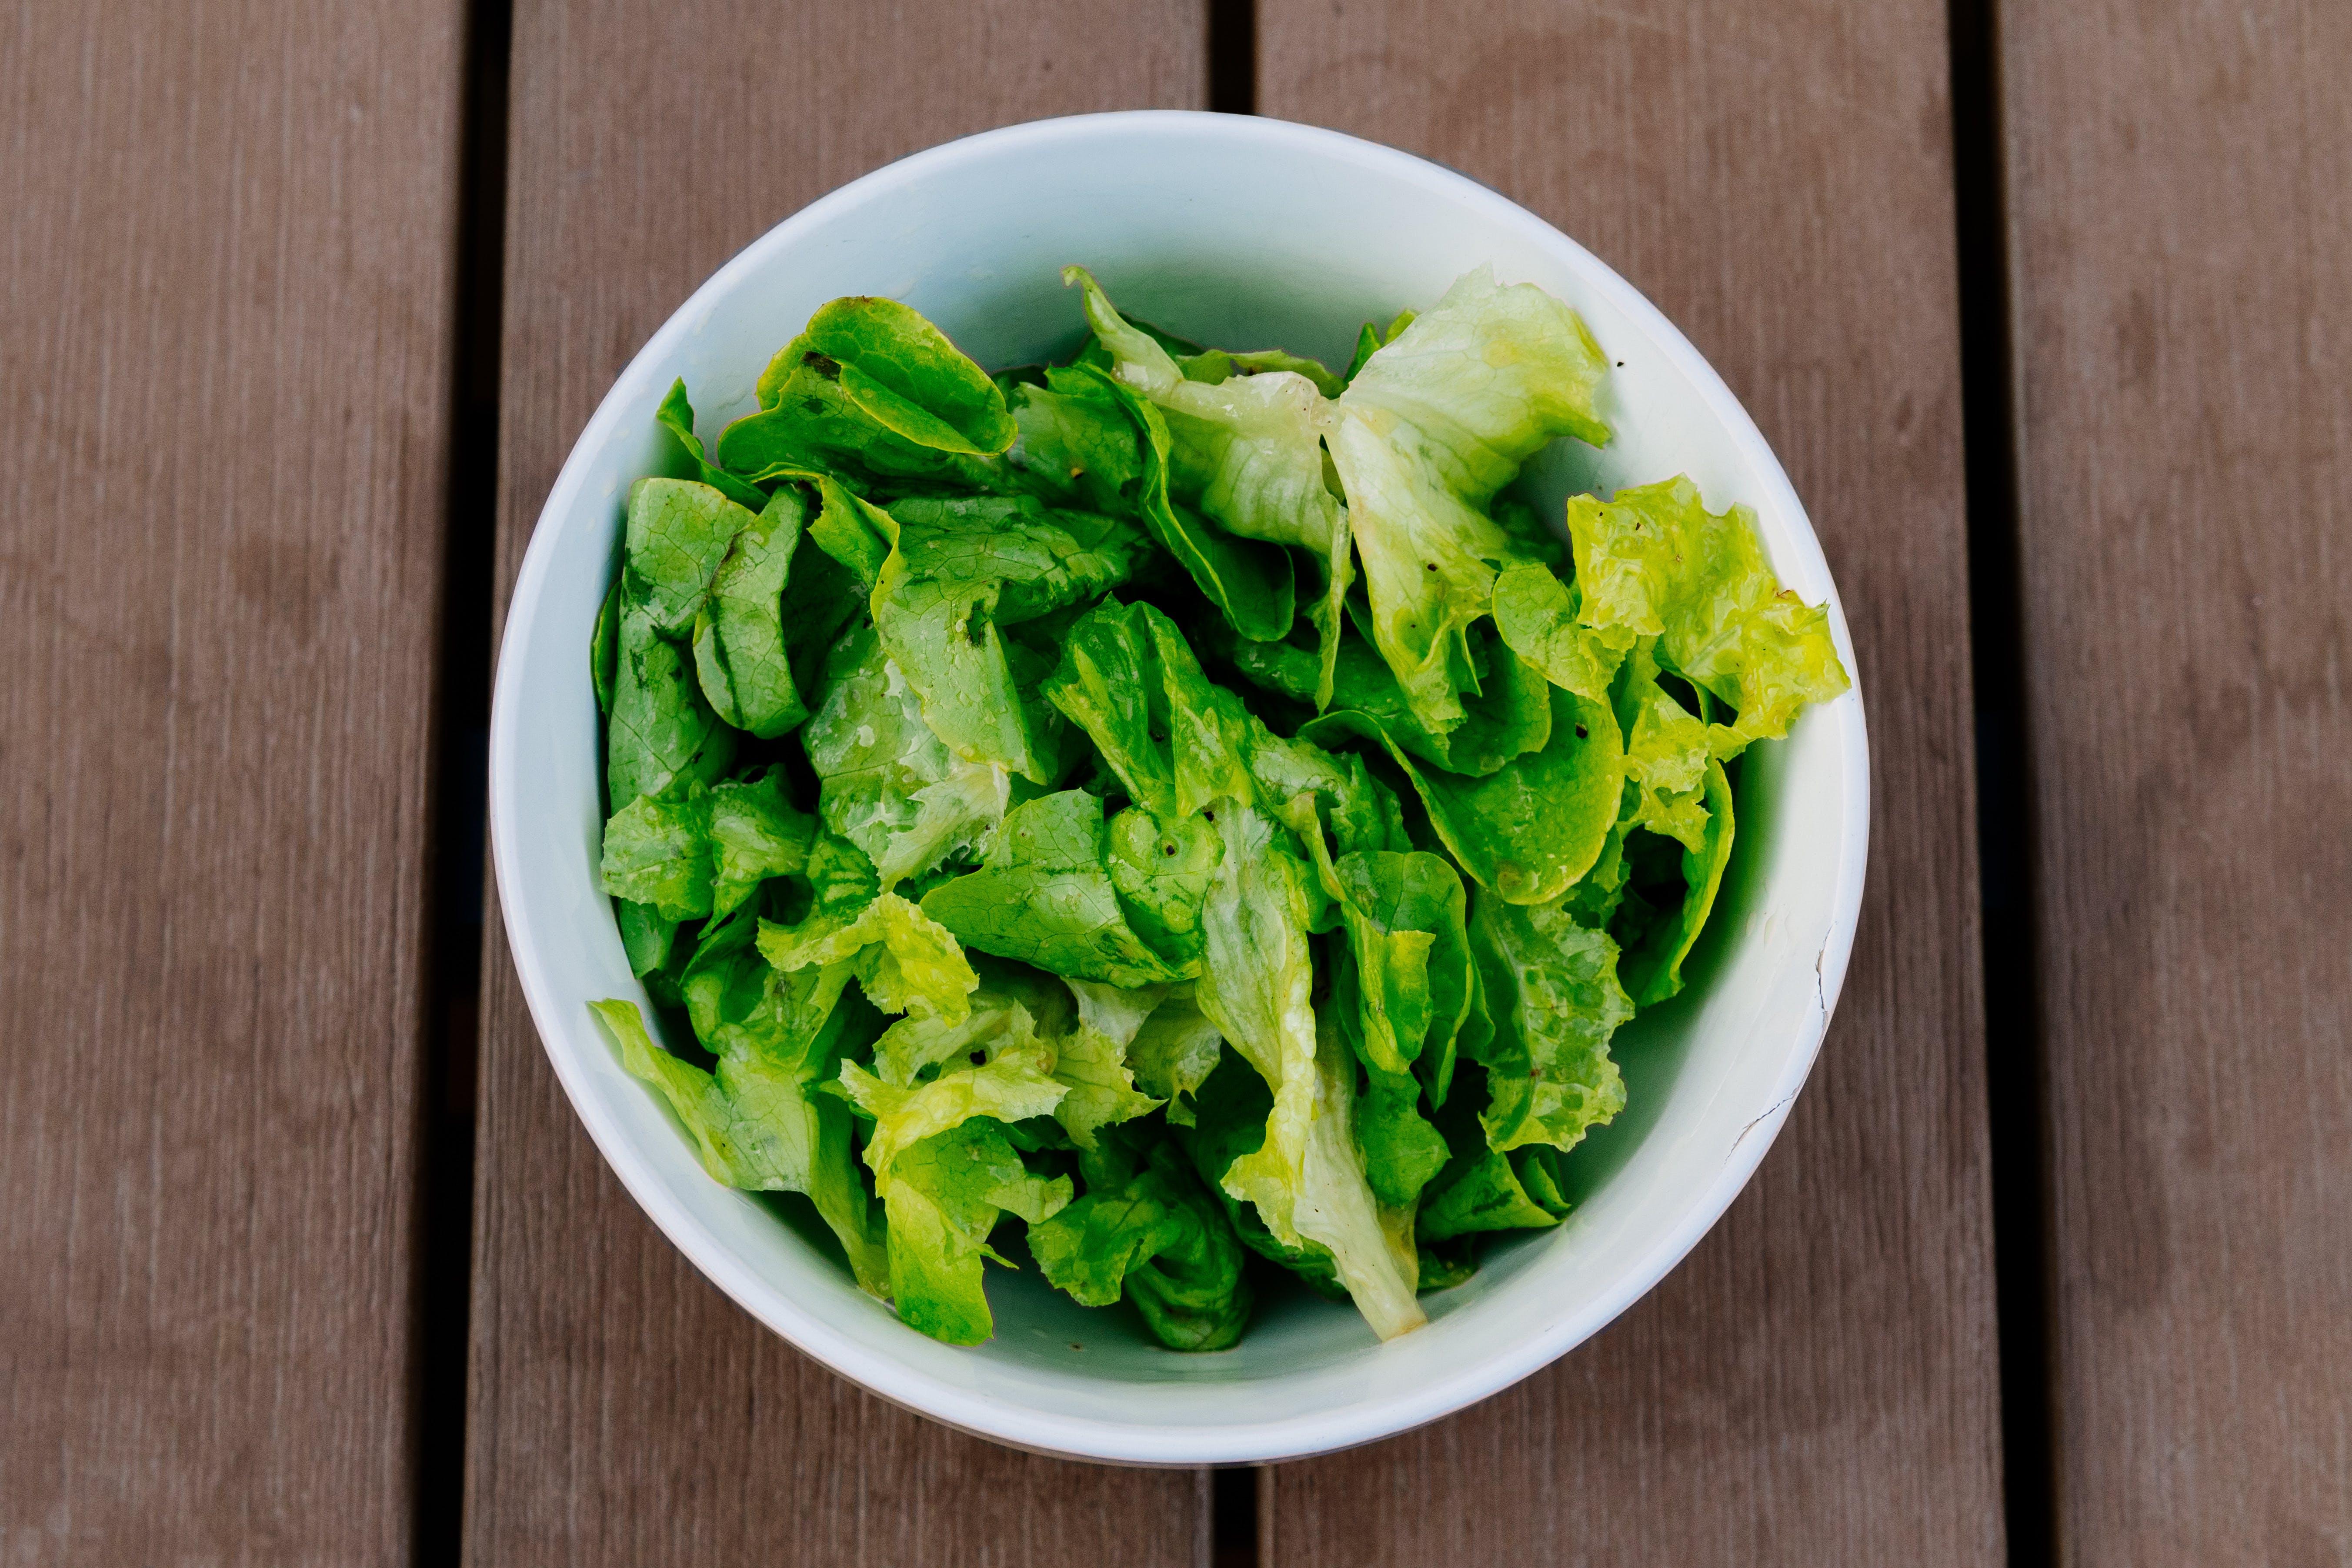 Green Vegetable in White Bowl